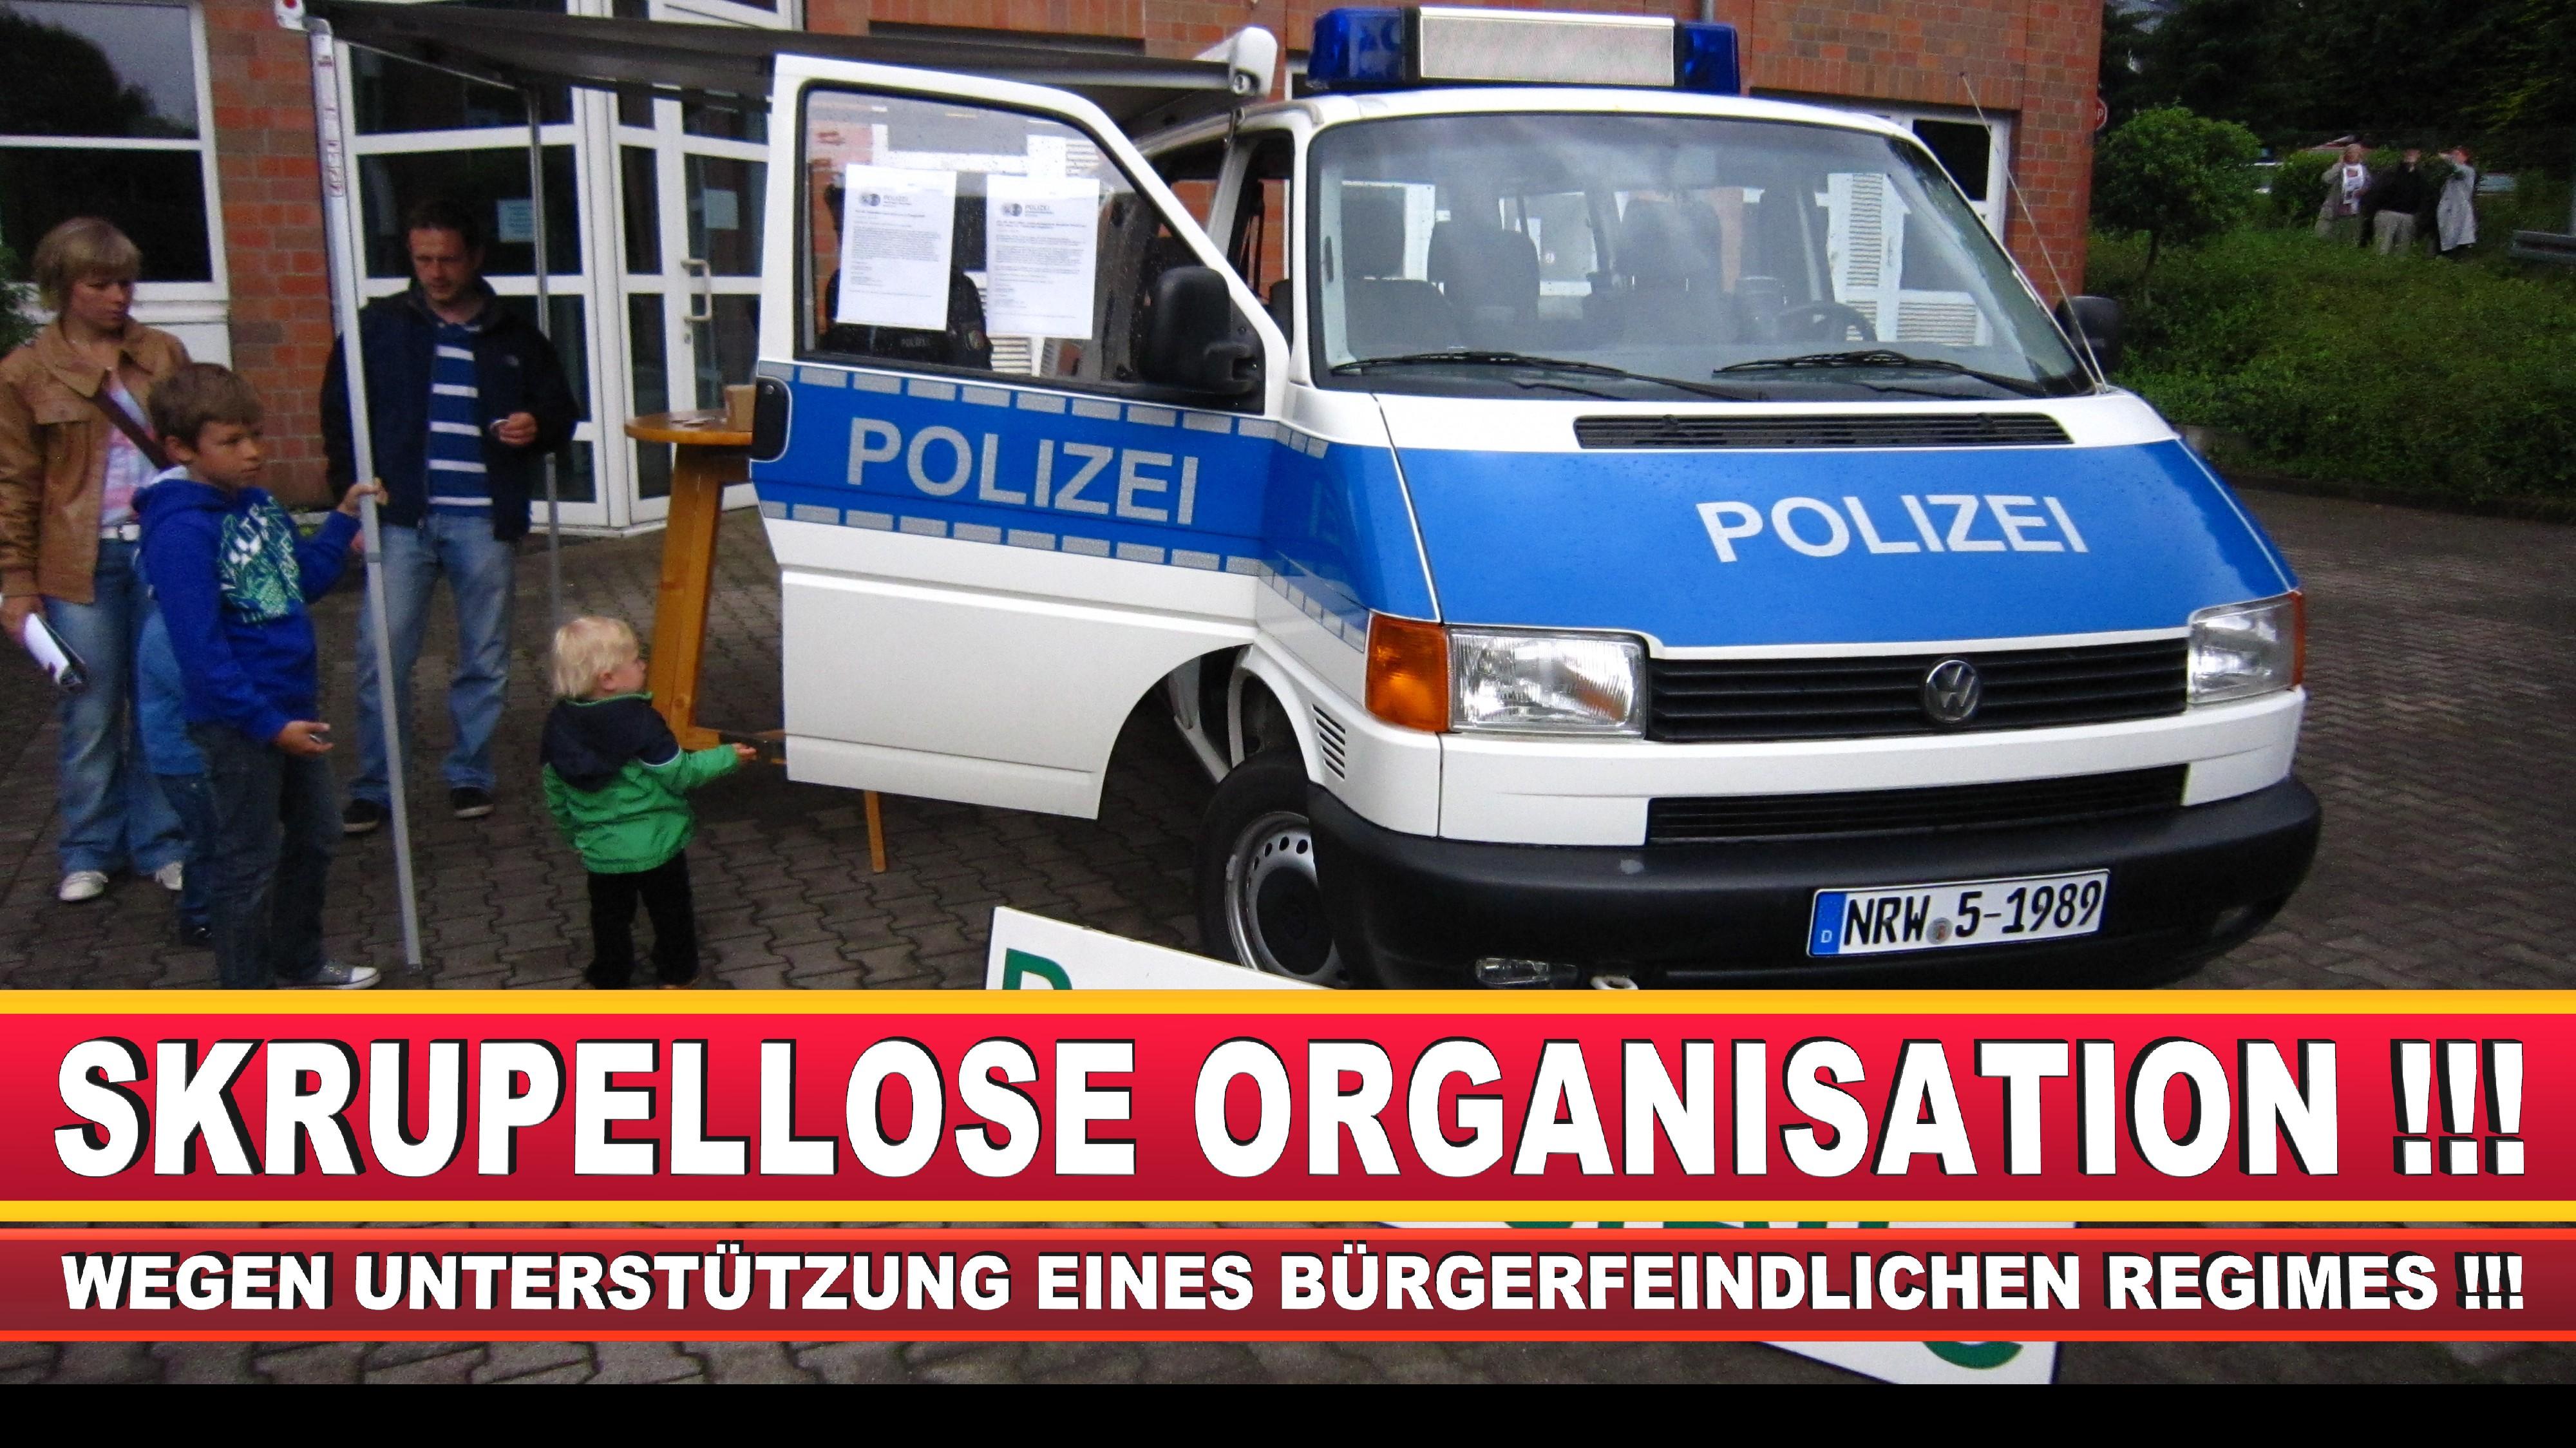 Polizeipräsidentin Katharina Giere Polizei Bielefeld NRW Erwin Südfeld Horst Kruse Polizeiuniform Polizeigewalt DEMONSTRATION Bahnhof (12)